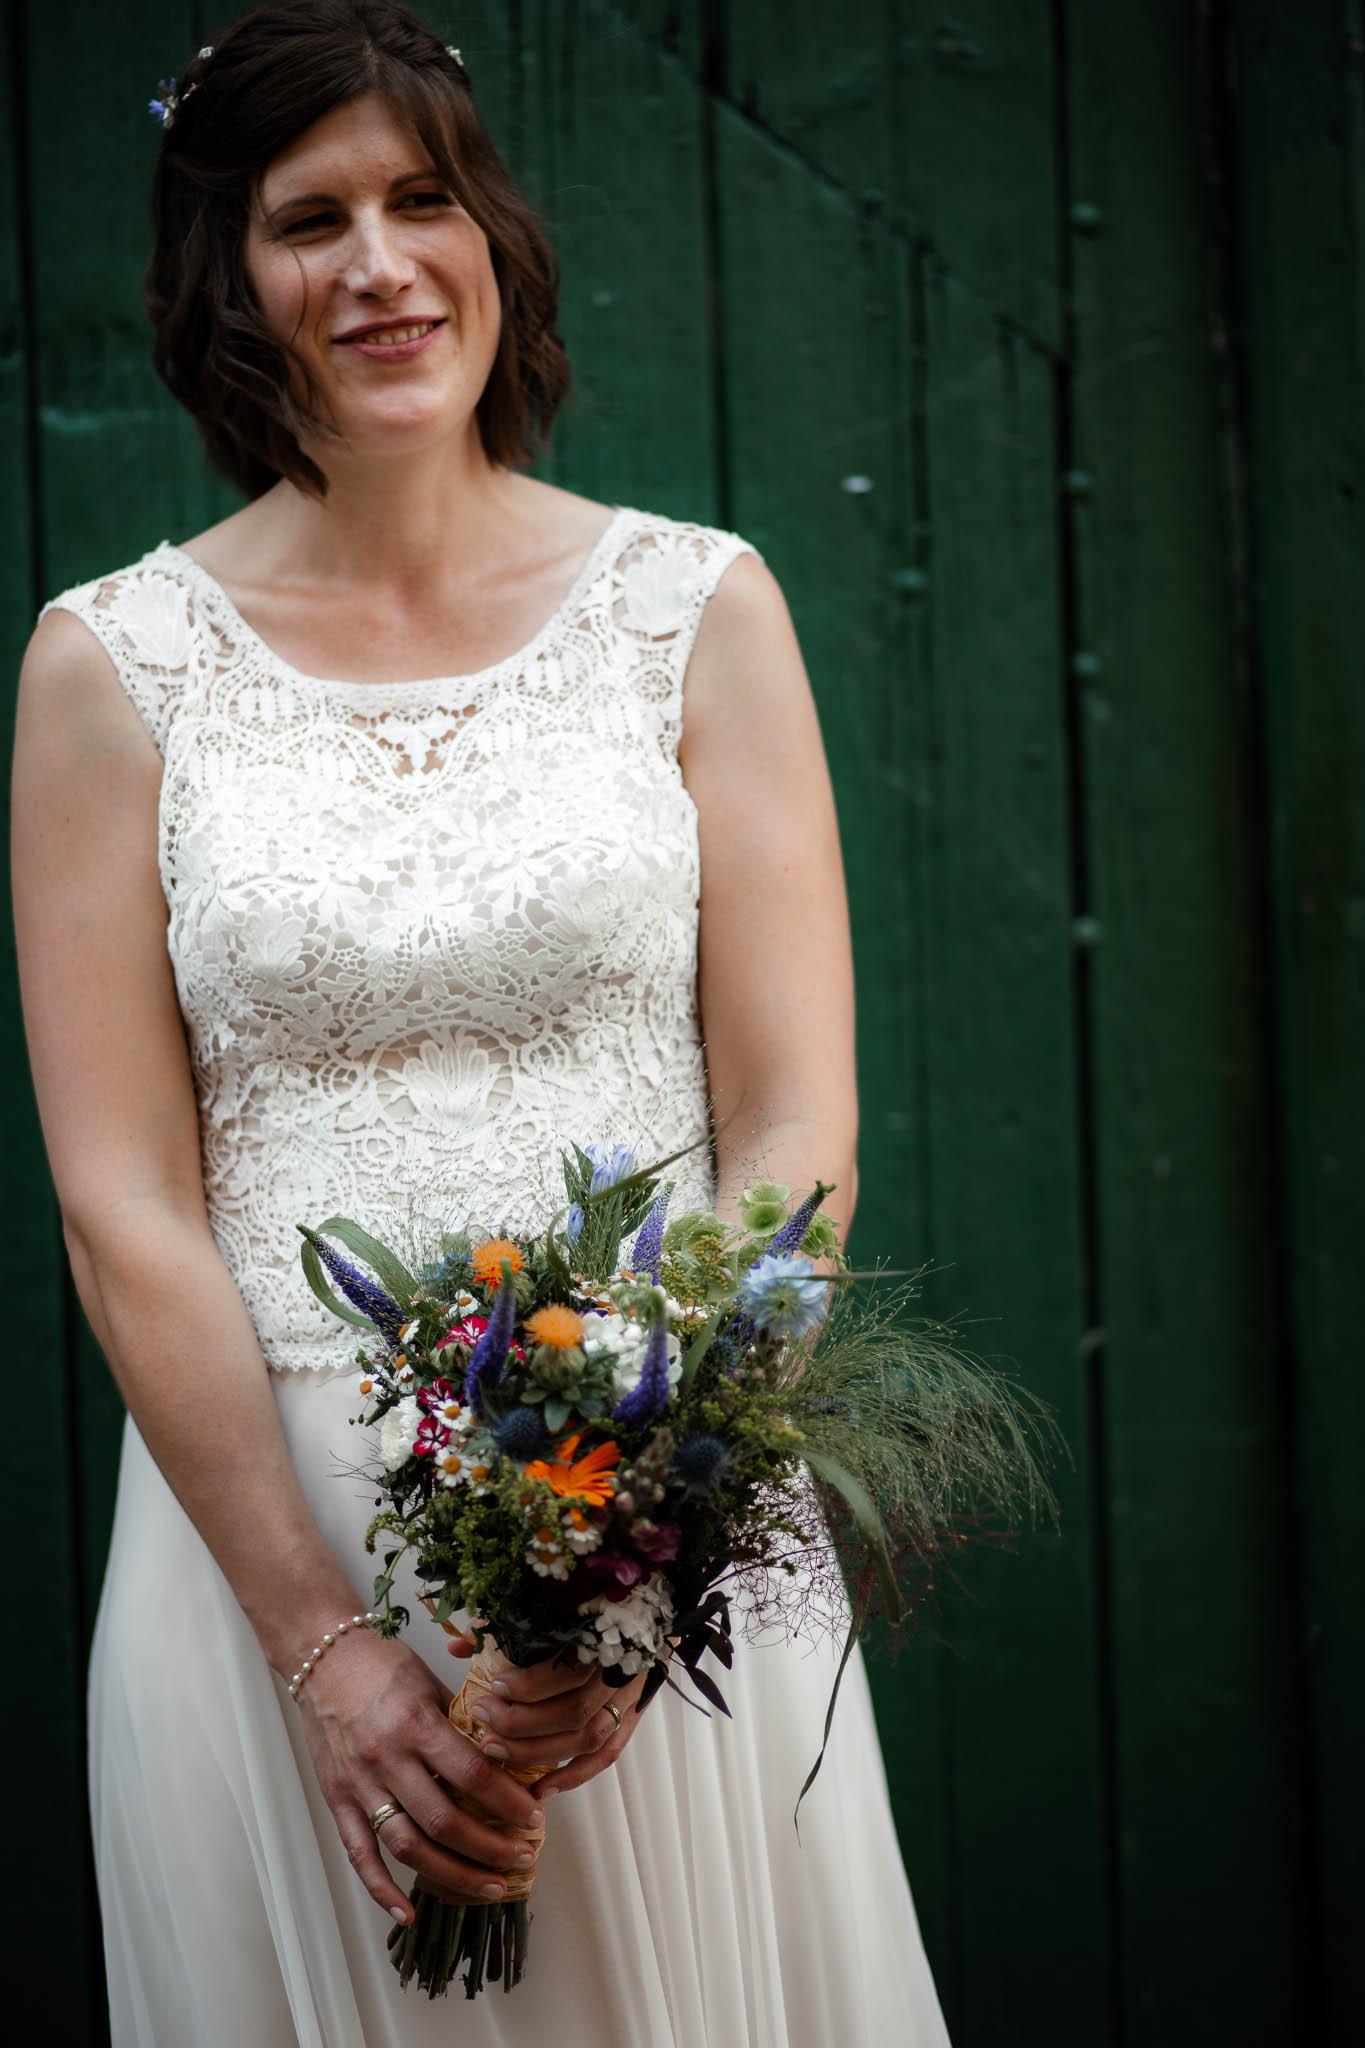 Hochzeitsfotograf Guntersblum, Domhof - Hochzeit von Ina & Johannes 58